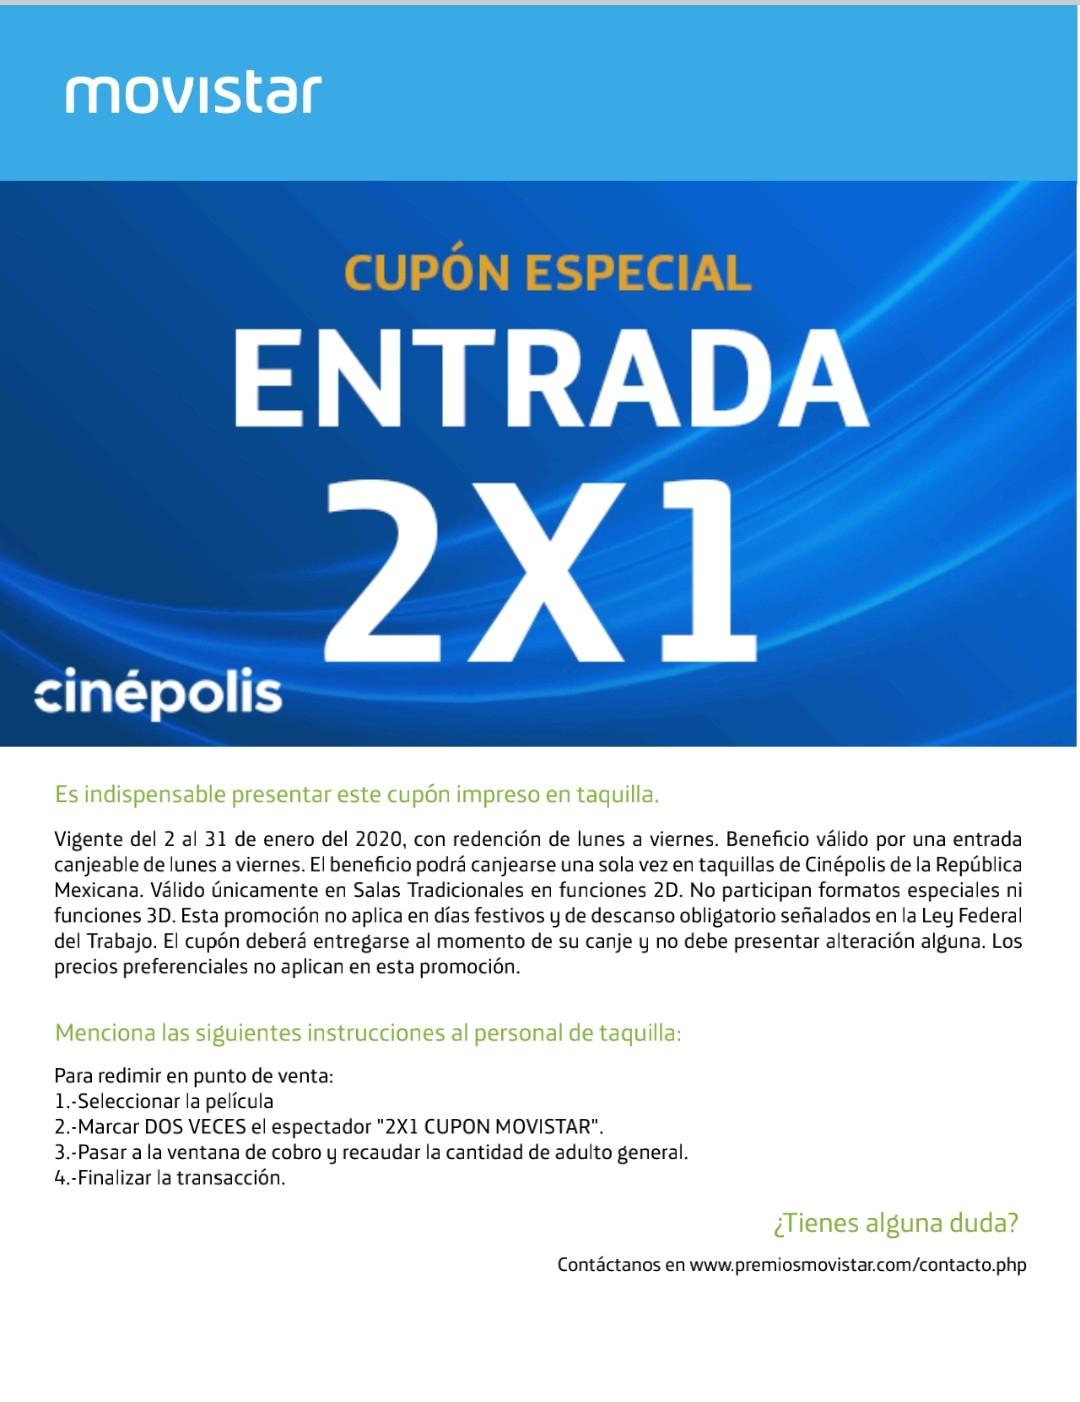 Cupón Movistar 2x1 para Cinépolis (mes de enero)